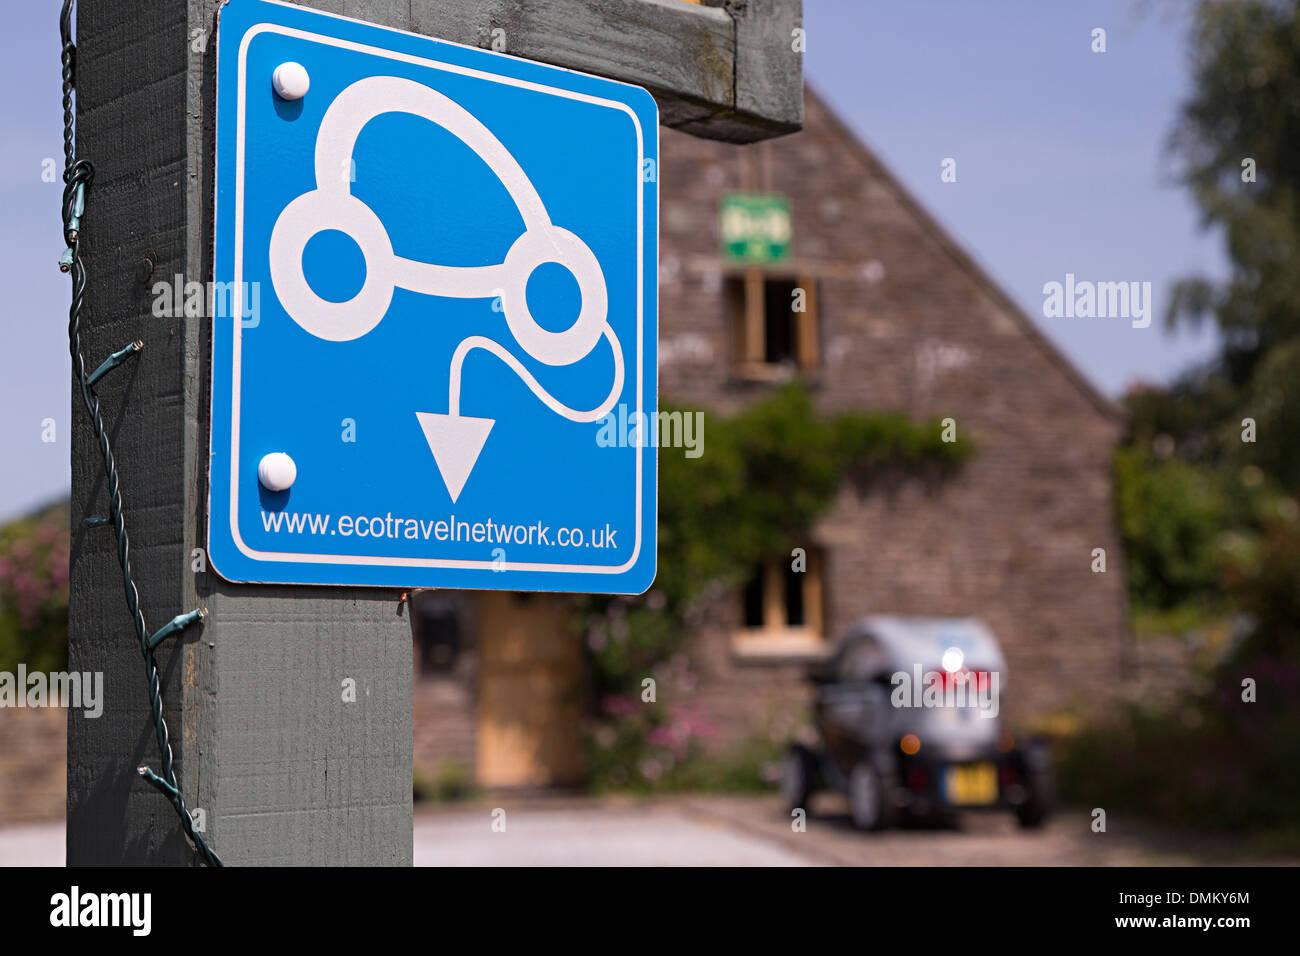 Eco travel network signer avec voiture écologique en arrière-plan, Talgarth, Pays de Galles, Royaume-Uni Photo Stock